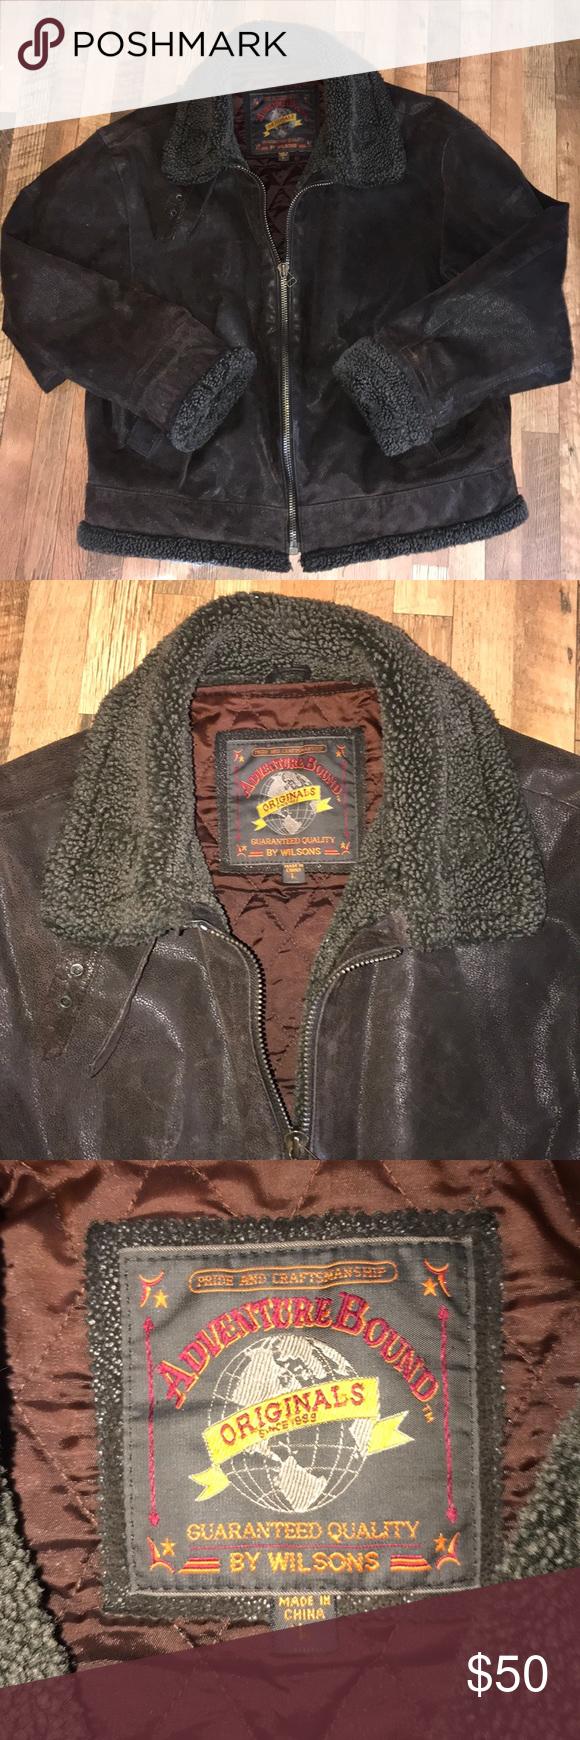 Men's Adventure Bound by Wilson's Leather Coat Wilsons